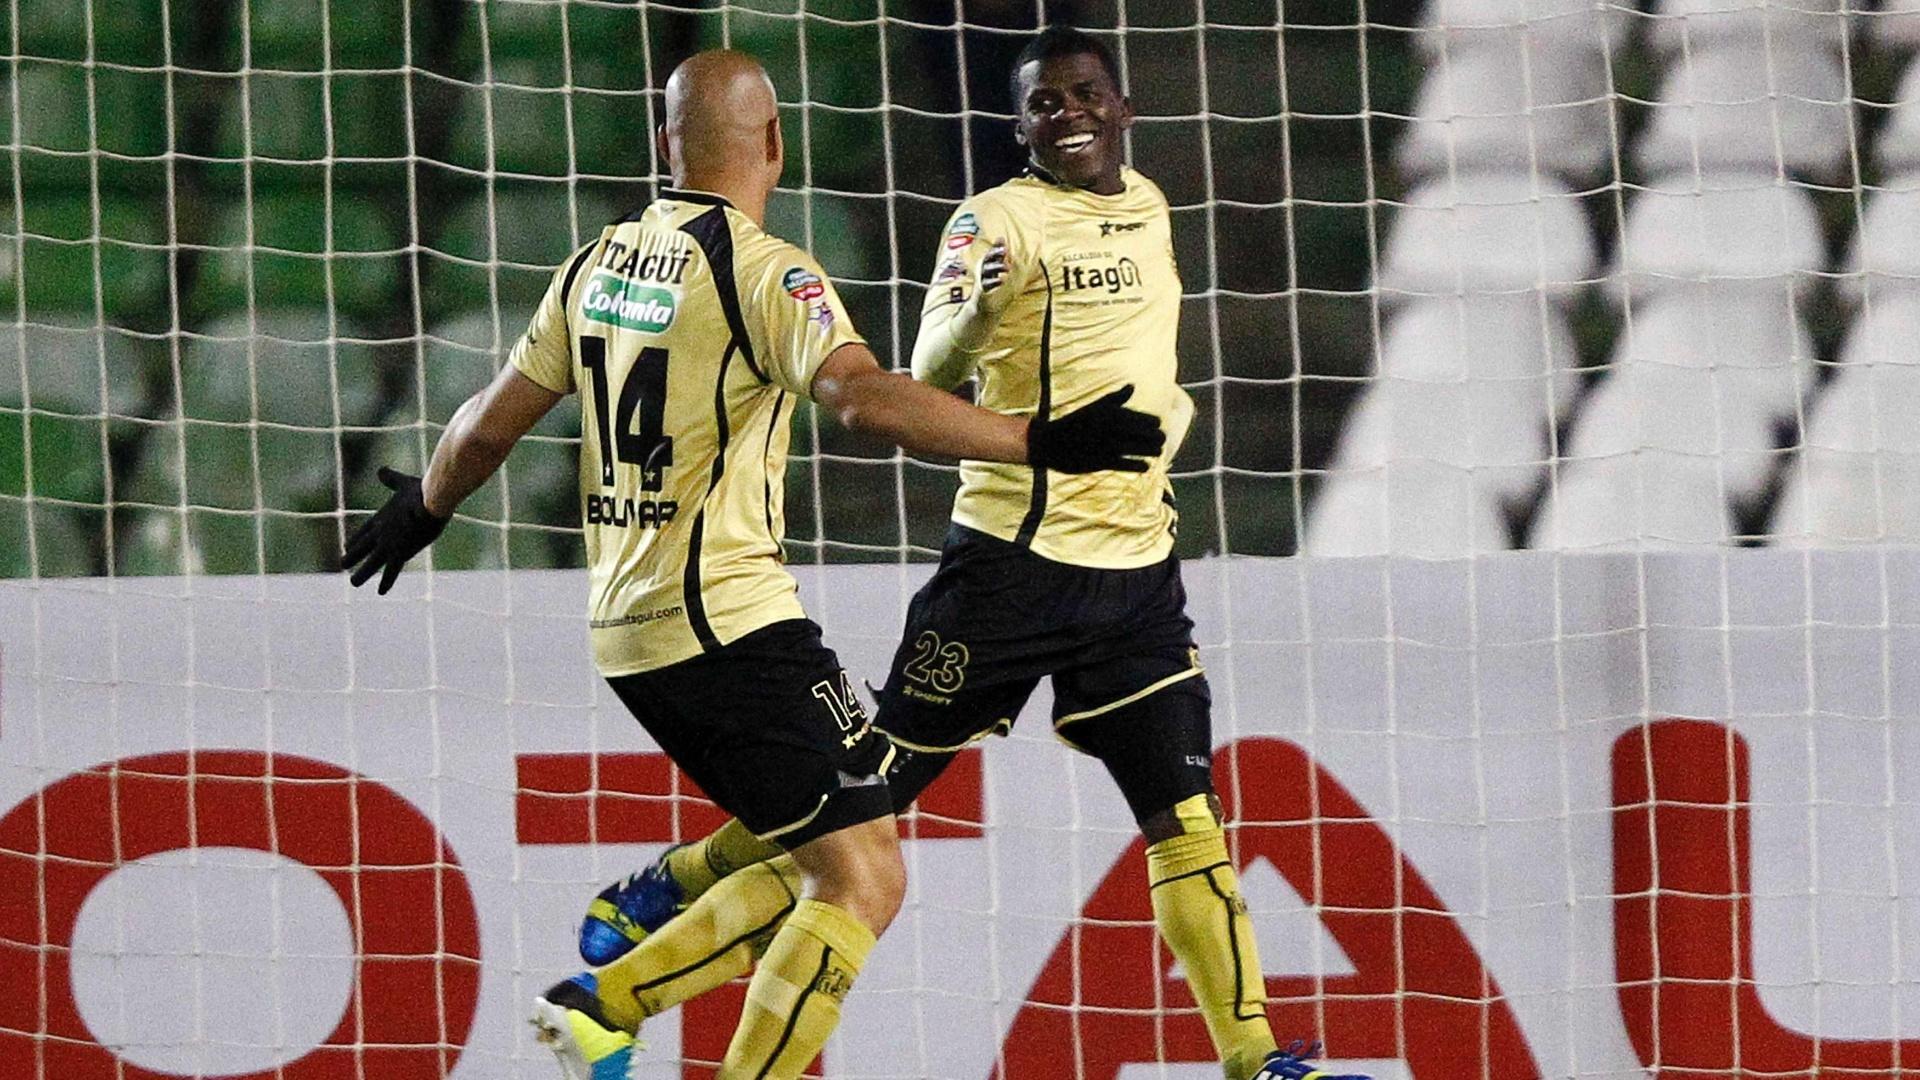 24.set.2013 - Mena comemora o gol do Itagui, da Colômbia, contra o Coritiba pela Copa Sul-Americana